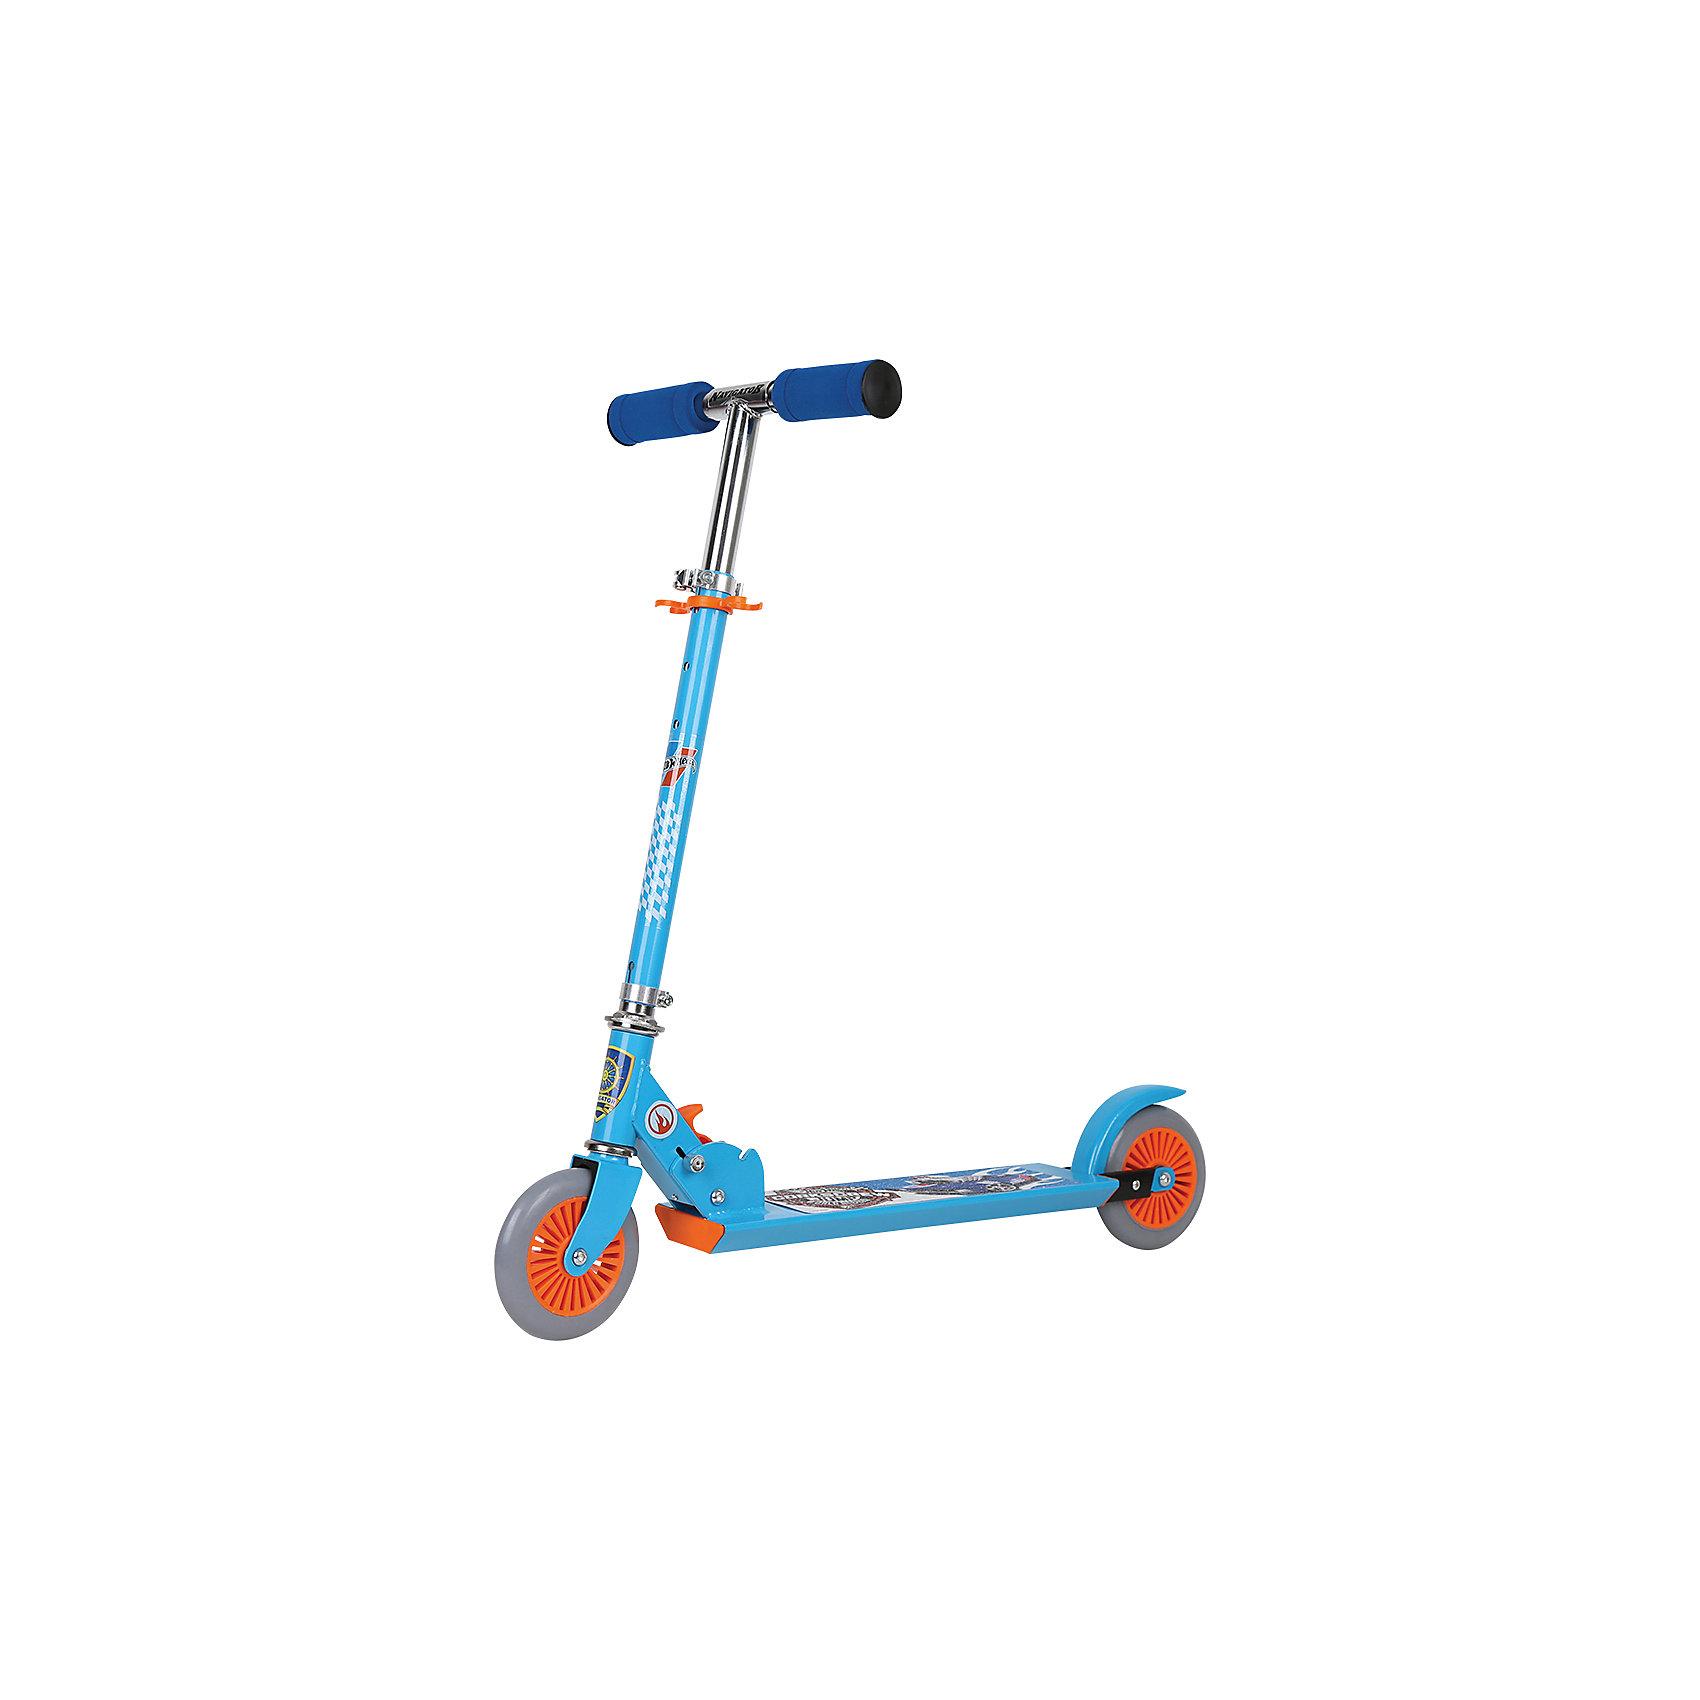 Двухколесный cамокат, Navigator, Hot WheelsСамокаты<br>Какой ребенок не любит кататься на самокате?! Сделать катание веселее поможет любимые герои - Hot Wheels. Колеса самоката - широкие и устойчивые. Руль у него регулируется. Самокат можно сложить, что очень удобно. Тормоз  - ножной.<br>Этот самокат обязательно порадует ребенка! Катание на нем помогают детям развивать чувство равновесия. Самокат сделан из качественных и безопасных для ребенка материалов.<br><br>Дополнительная информация:<br><br>цвет: синий, оранжевый;<br>размер: 66 х 9,5 х 80 см;<br>вес: 1,6 кг;<br>ножной тормоз;<br>регулируемый руль;<br>складной;<br>материал: металл, ПВХ.<br><br>Двухколесный cсамокат, Navigator, Hot Wheels можно купить в нашем магазине.<br><br>Ширина мм: 650<br>Глубина мм: 210<br>Высота мм: 100<br>Вес г: 2450<br>Возраст от месяцев: 36<br>Возраст до месяцев: 2147483647<br>Пол: Мужской<br>Возраст: Детский<br>SKU: 4916421